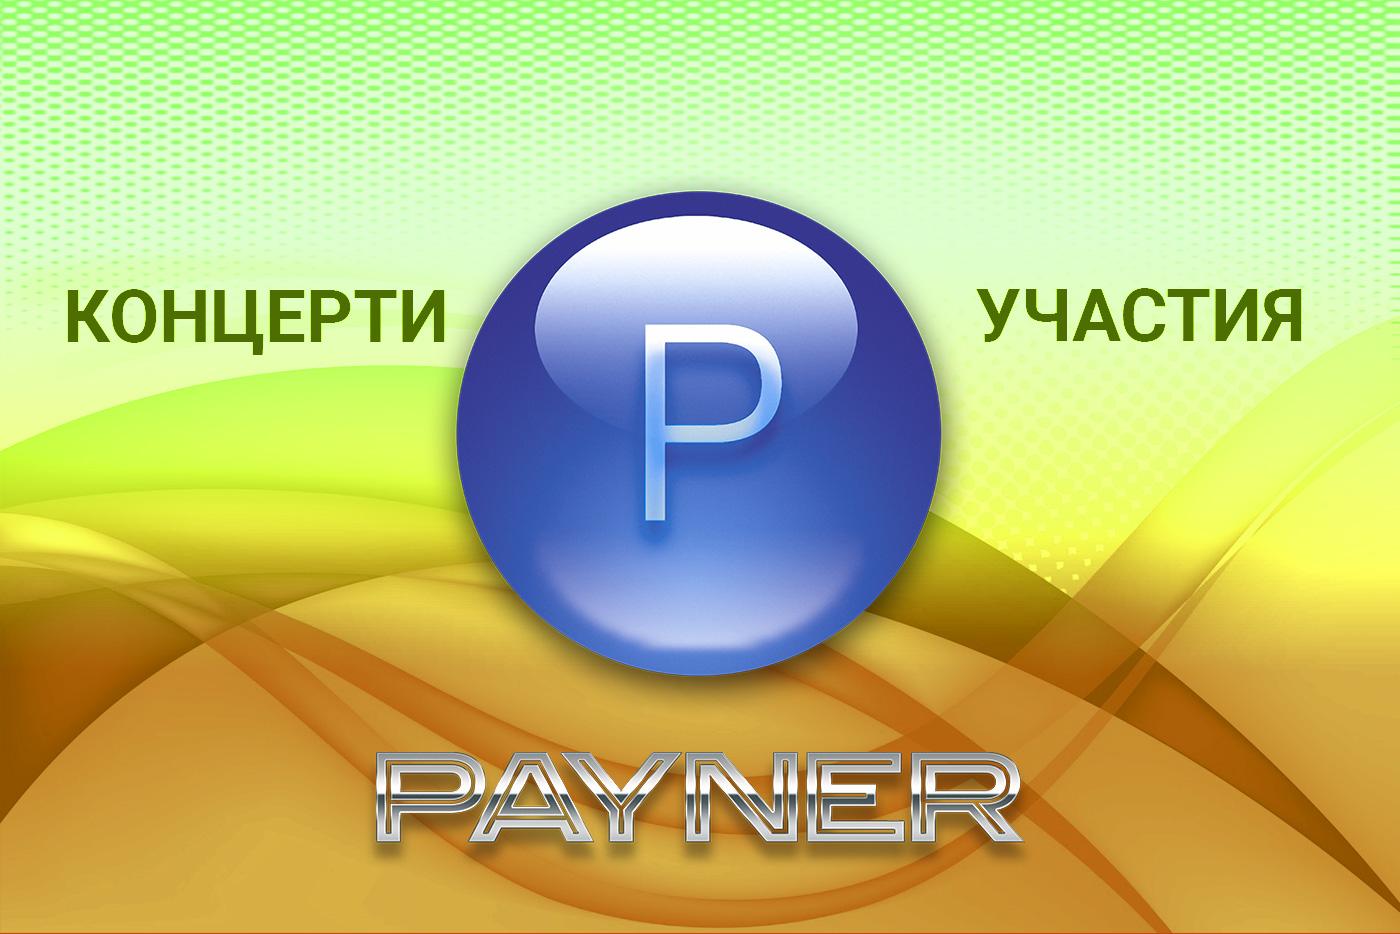 """Участия на звездите на """"Пайнер"""" на 19.05.2019"""